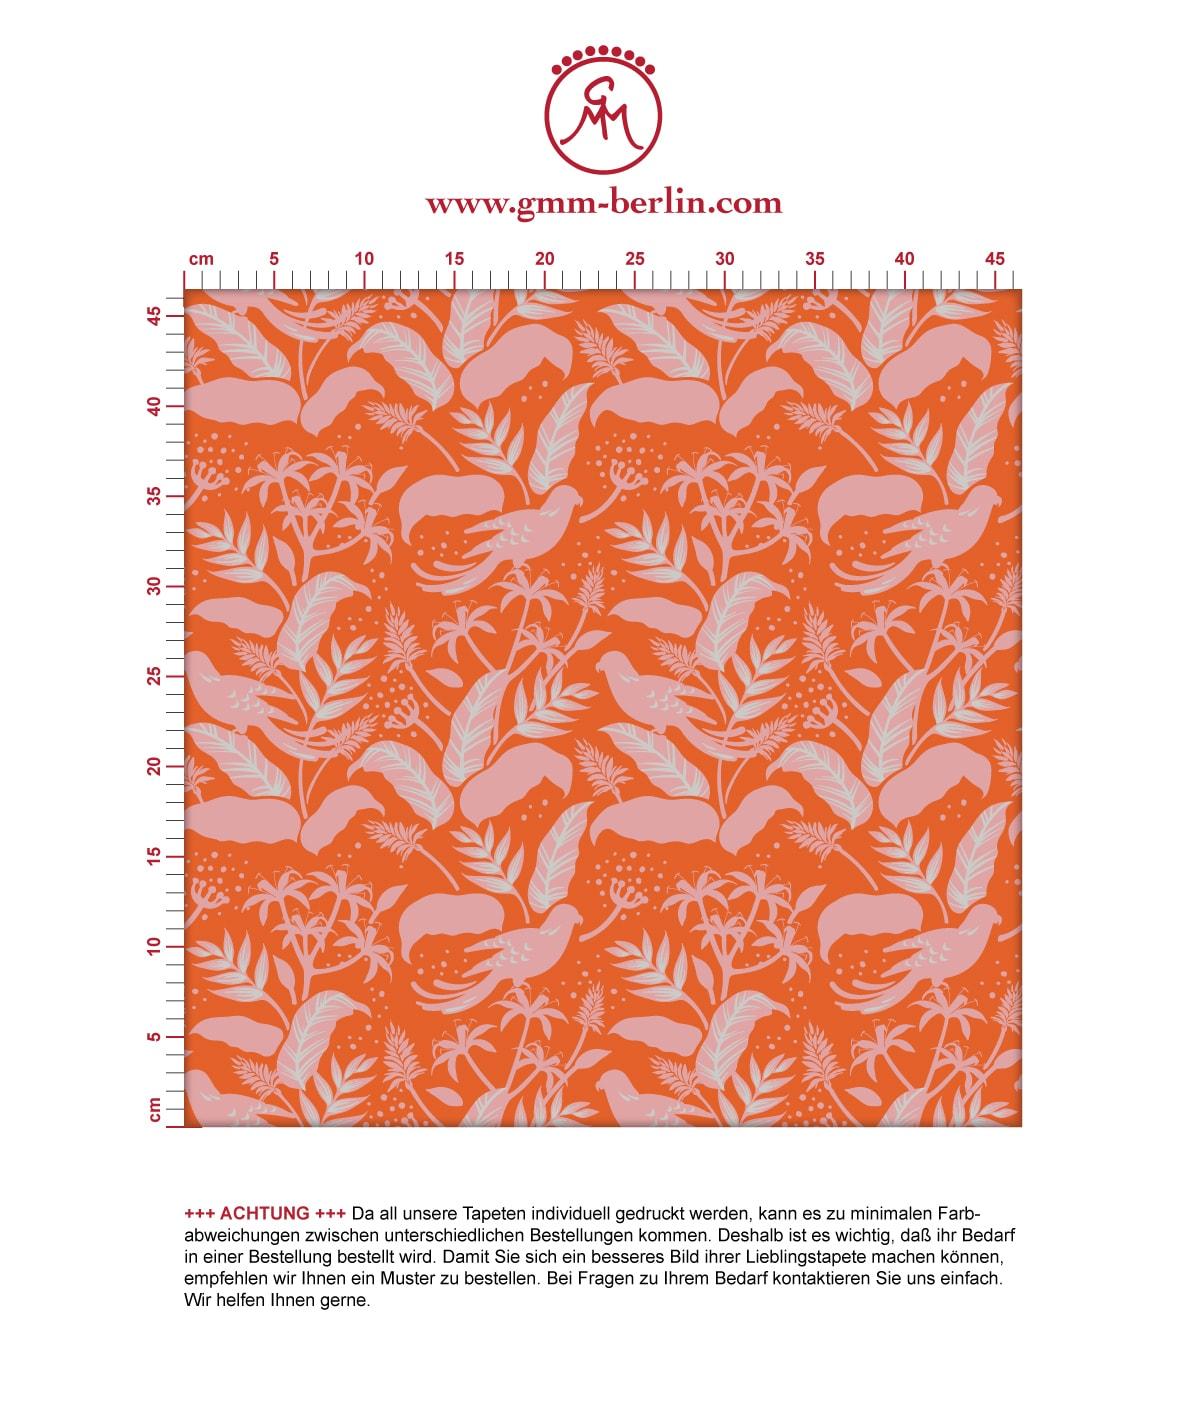 """Moderne Tapete """"Wild Birds"""" mit tropischen Dschungel Vögeln, orange rosa Vlies Tapete Blumen Tiere für Flur, Büro  2"""